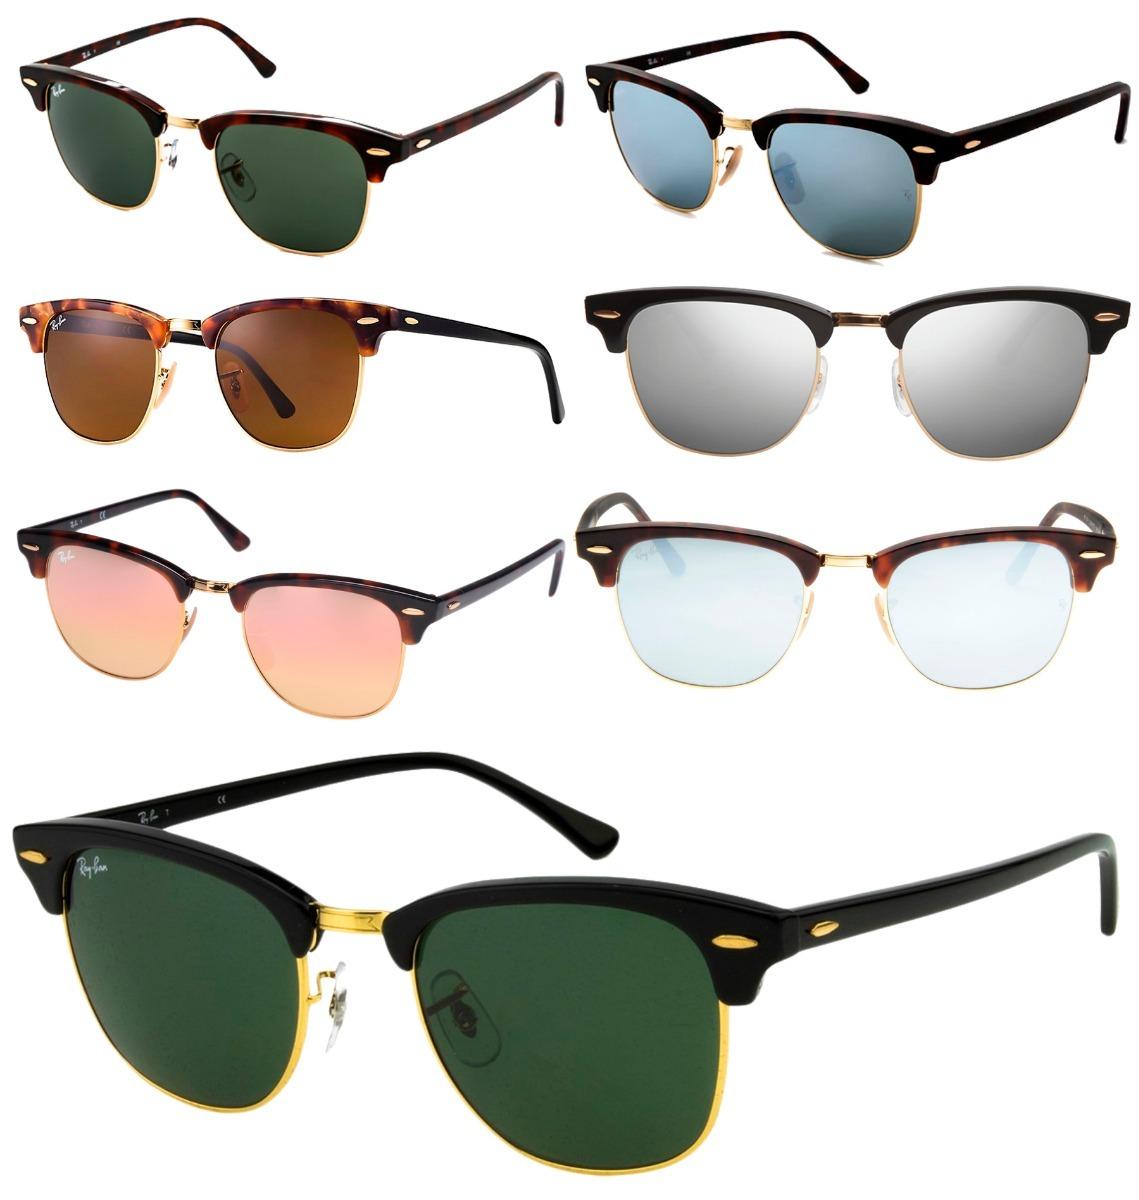 96e452446b20c3 óculos ray-ban rb3016 clubmaster original masculino feminino. Carregando  zoom.